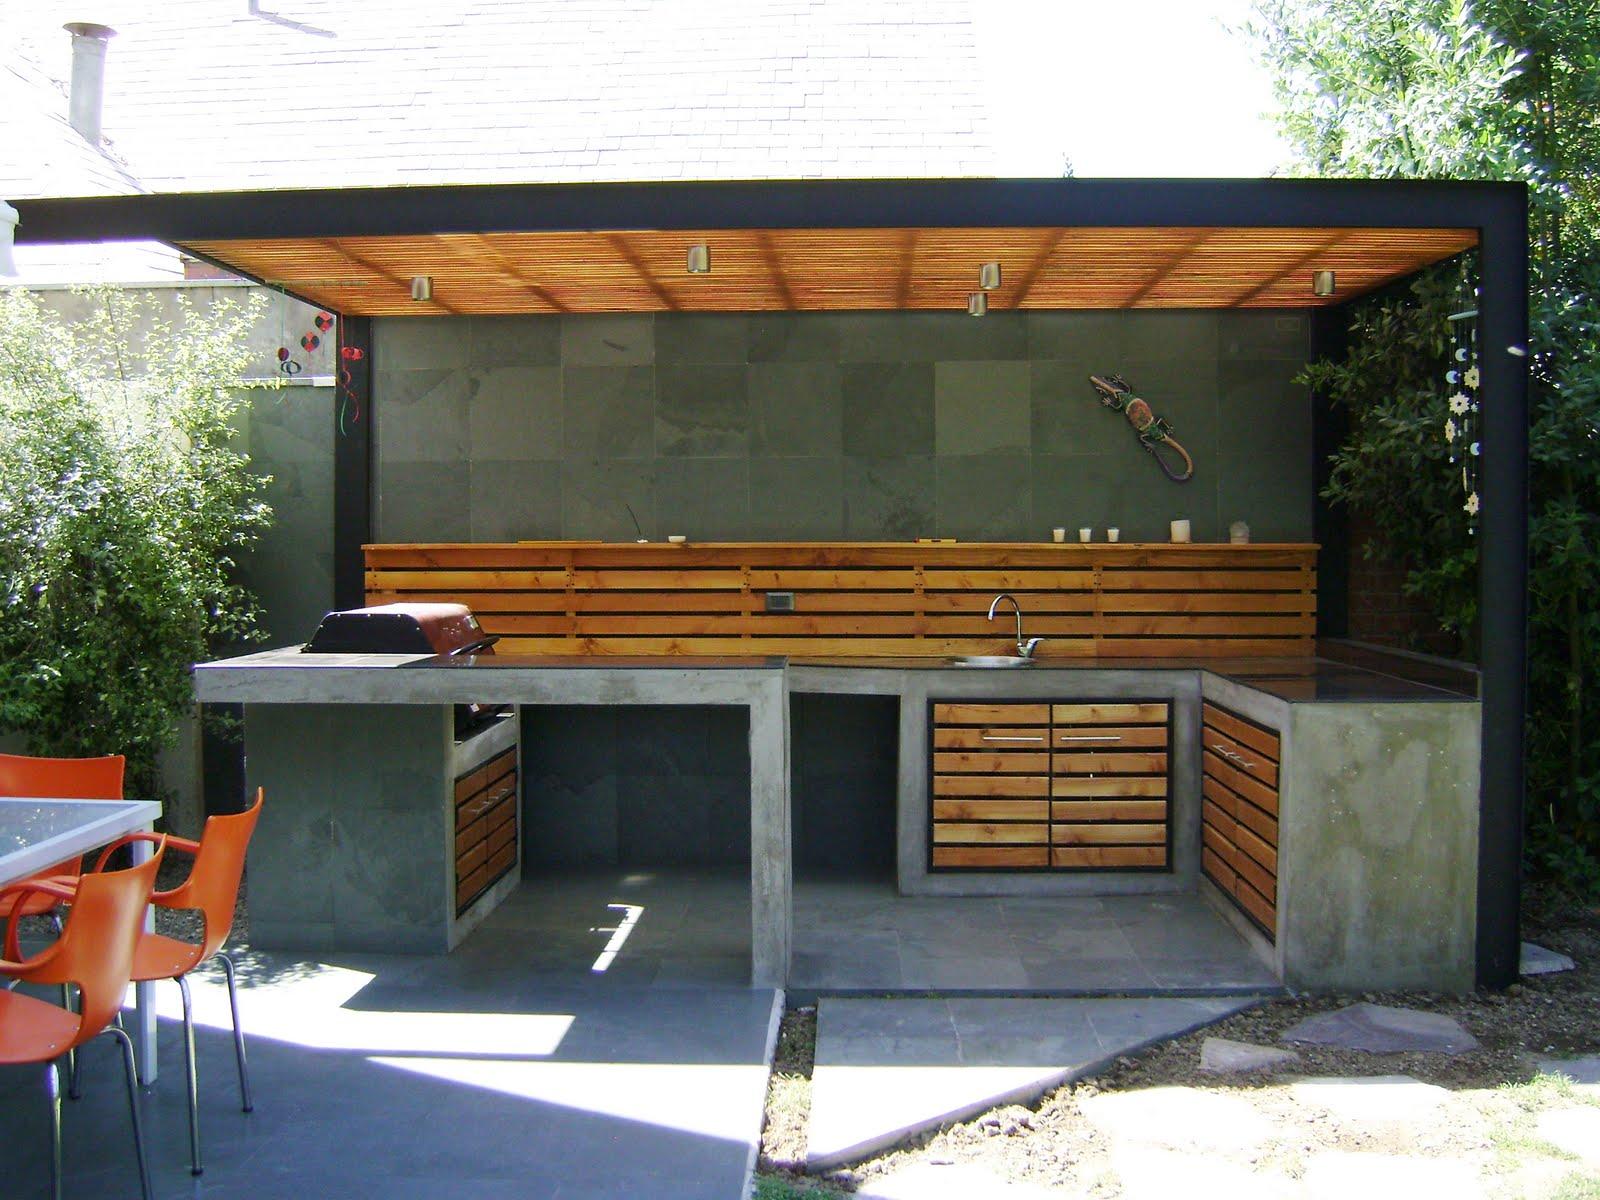 Construcciones rolo quinchos bodegas remodelaciones y for Parrillas para casas modernas